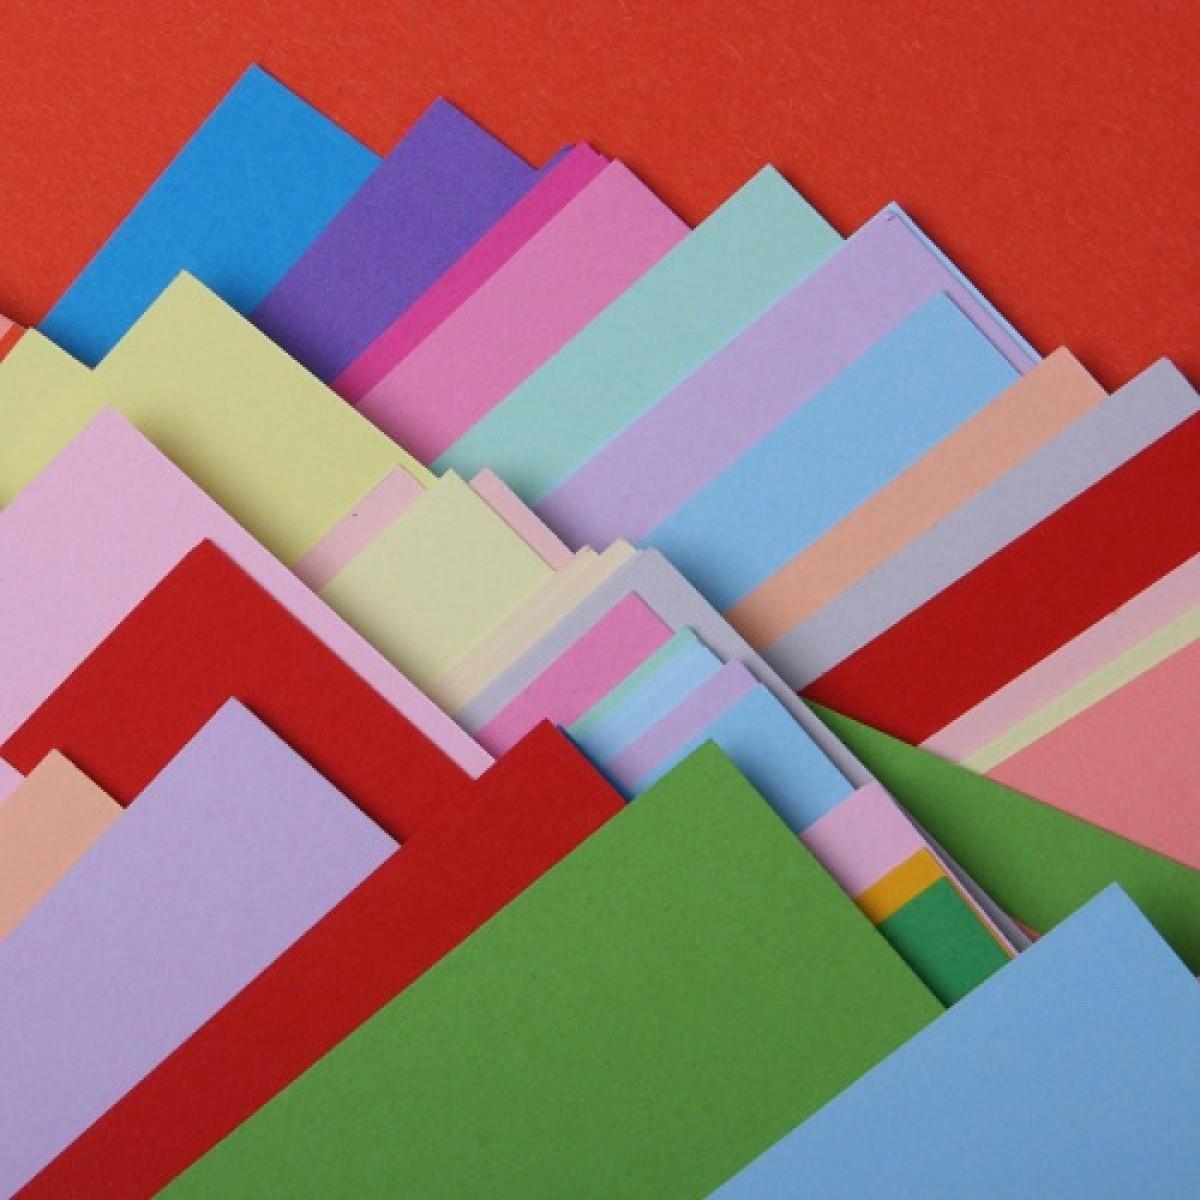 اندازه های رایج کاغذ در صنعت چاپ